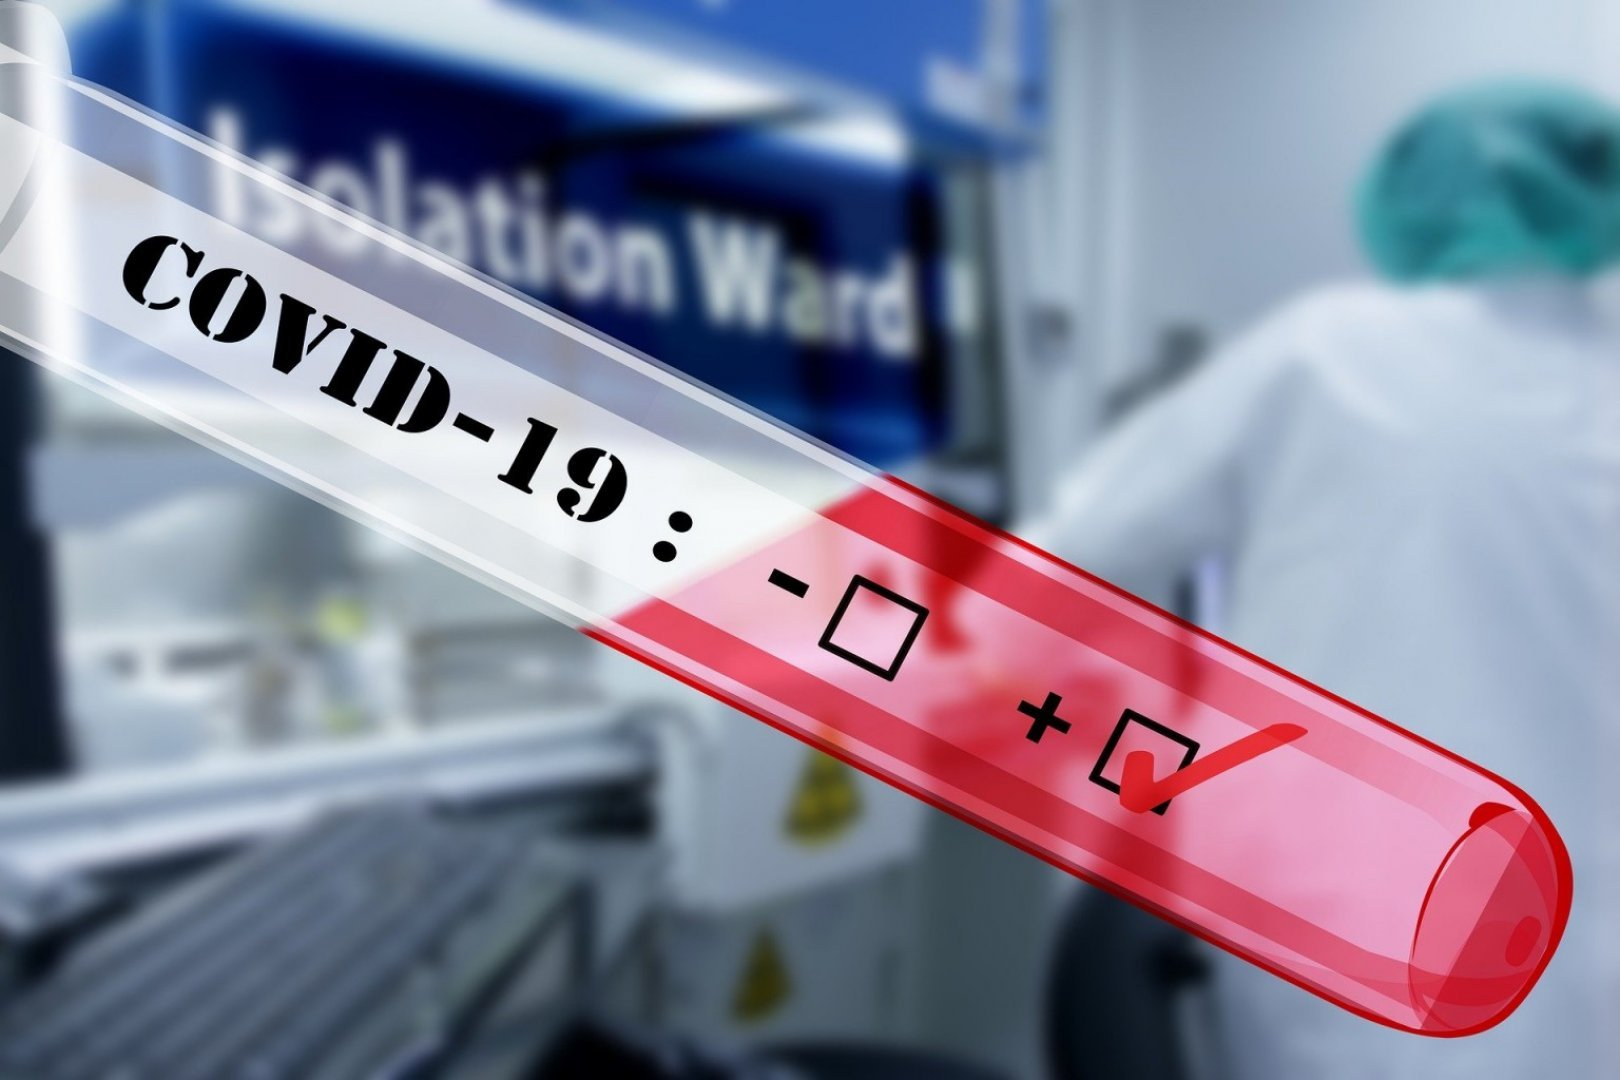 Един заразен с корона вирусна инфекция е починал през изминалото денонощие. Снимката е илюстративна